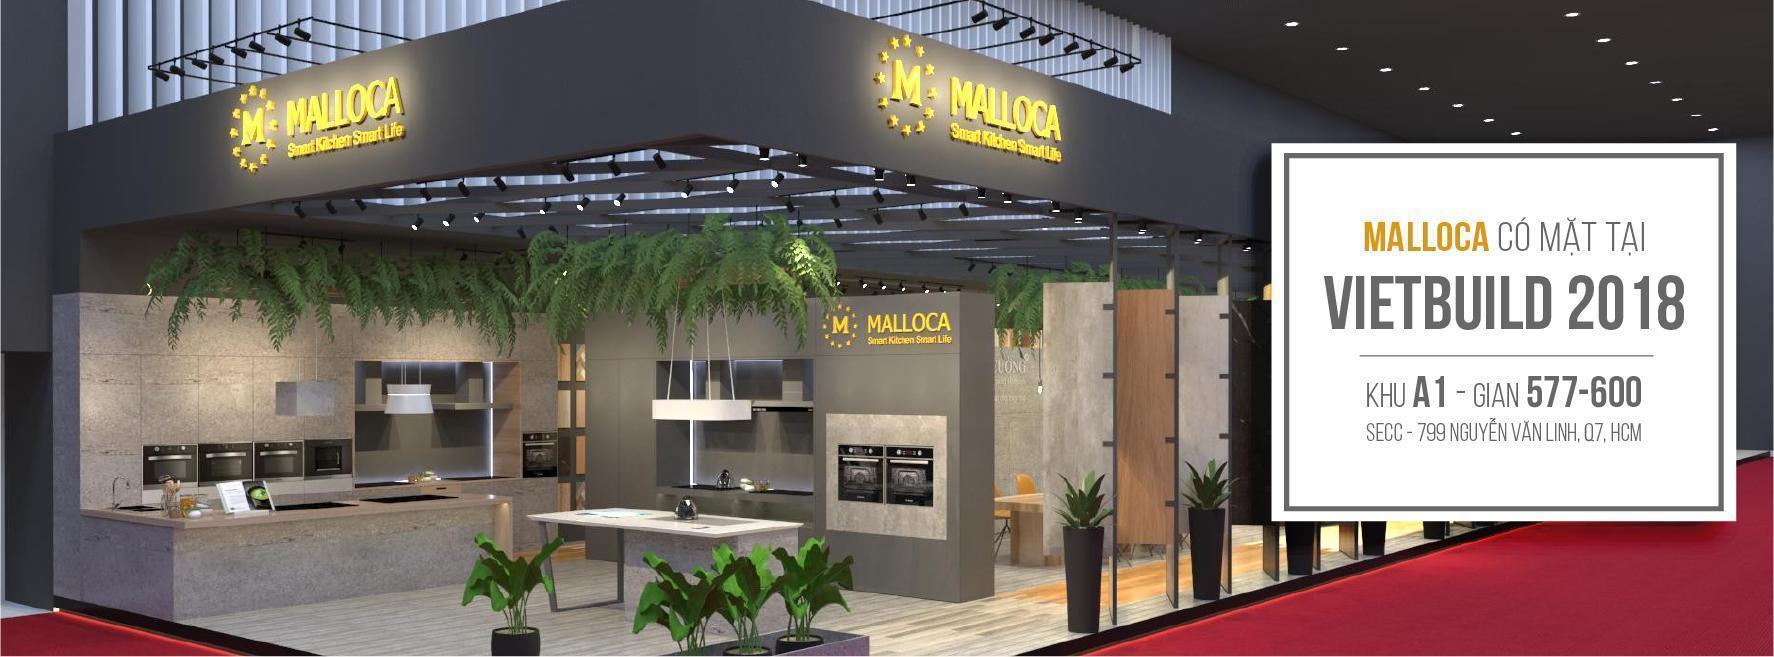 """Malloca mang """"Công nghệ tích hợp thông minh 4.0"""" vào triển lãm Vietbuild HCM 2018"""